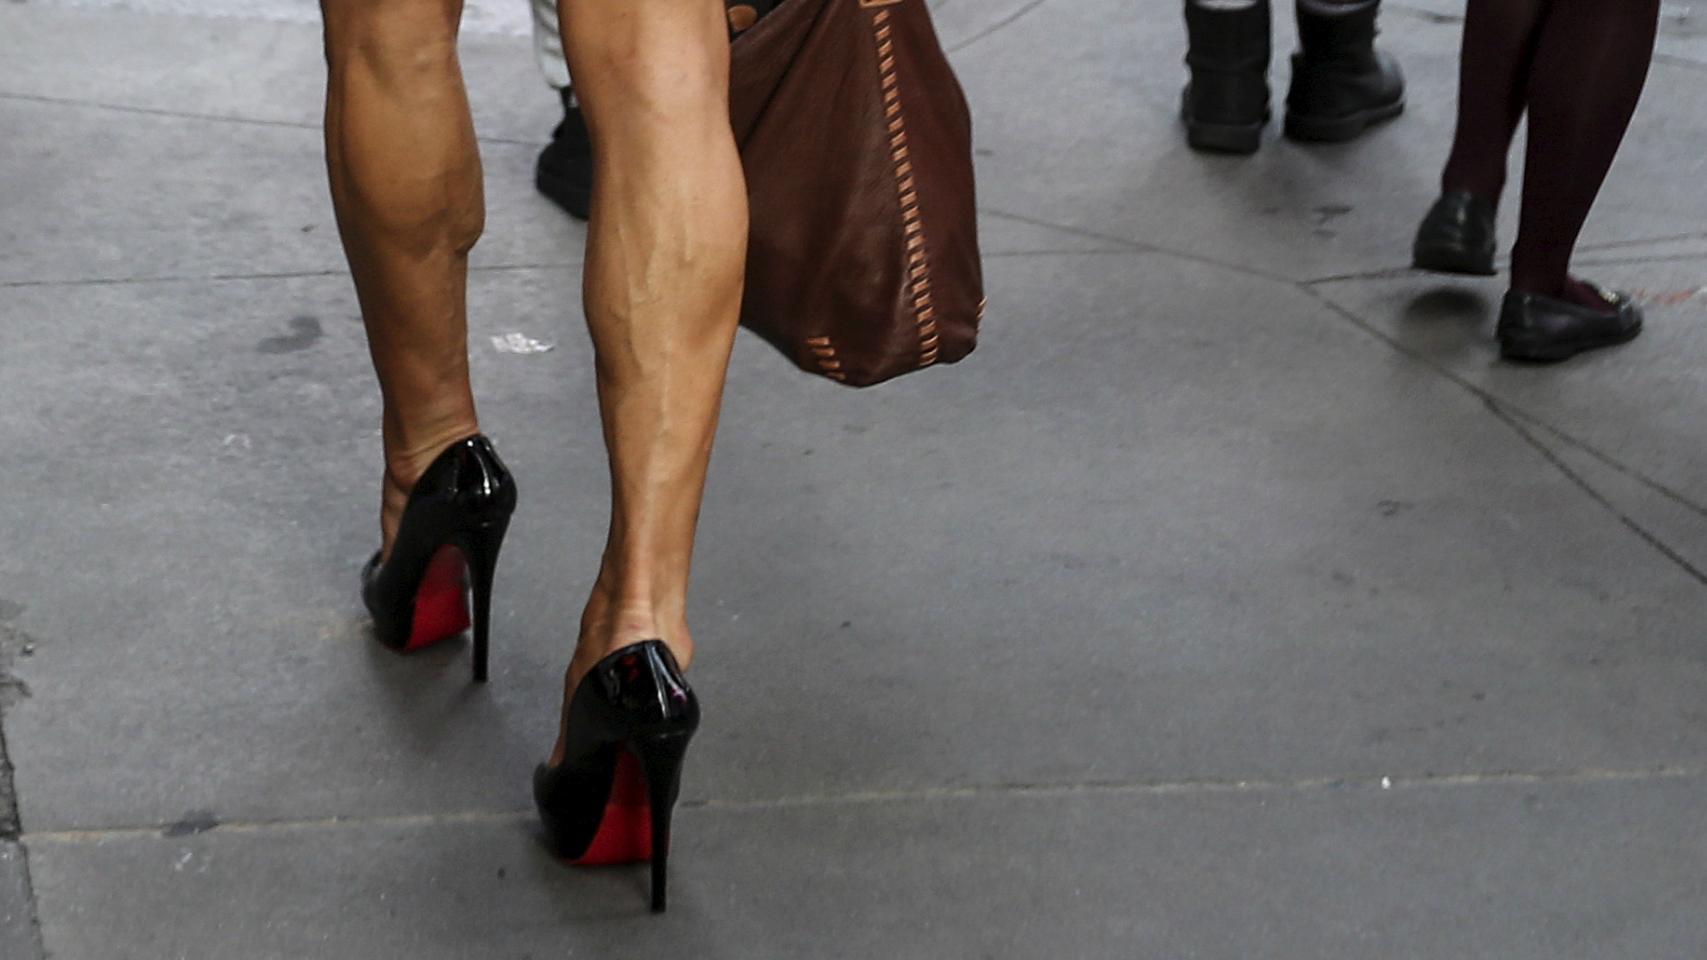 It's legal to make women wear heels to